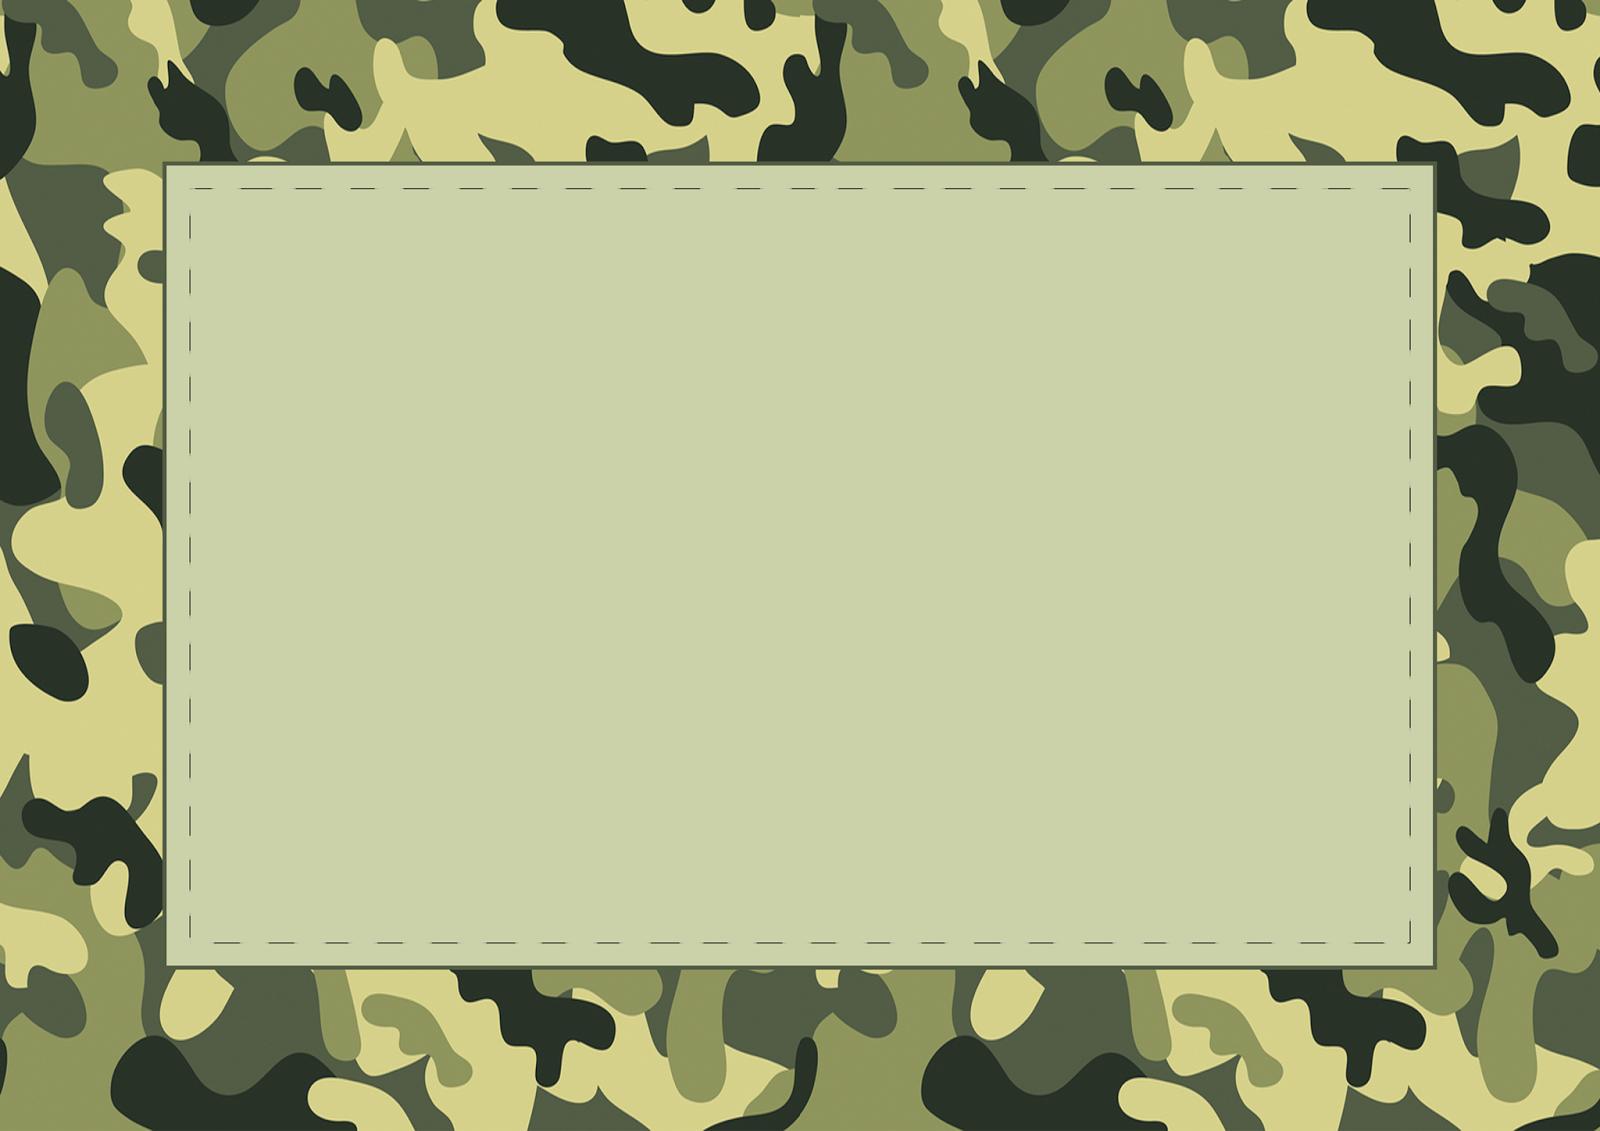 должен рамки для фотографий на военную тематику решила брать